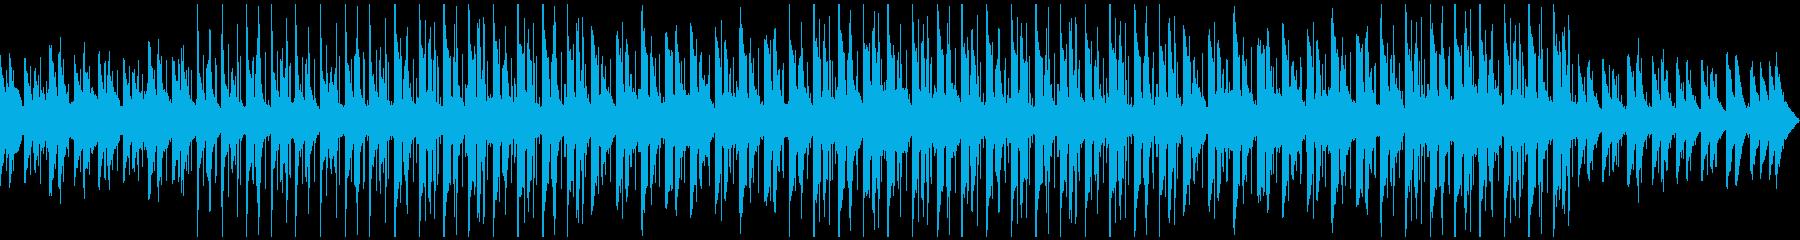 リラックス ピアノ ポップの再生済みの波形